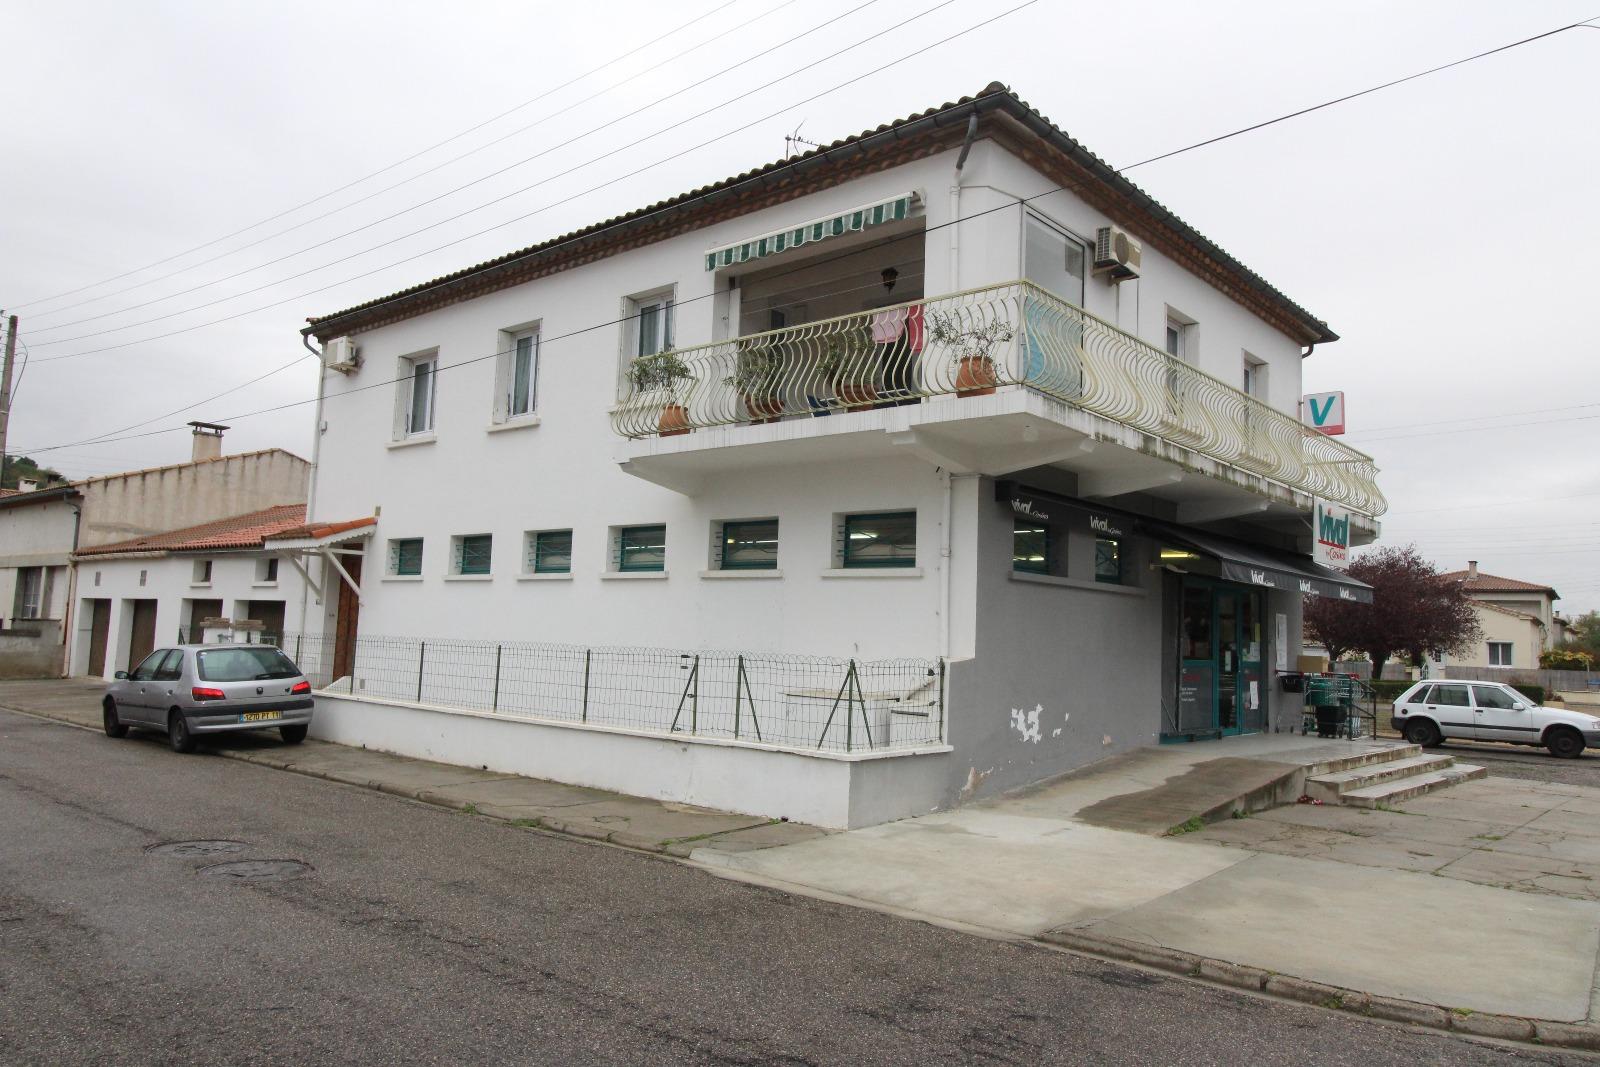 Vente limoux immeuble de rapport avec local commercial appartement t4 4 garages - Bureau vallee carcassonne ...